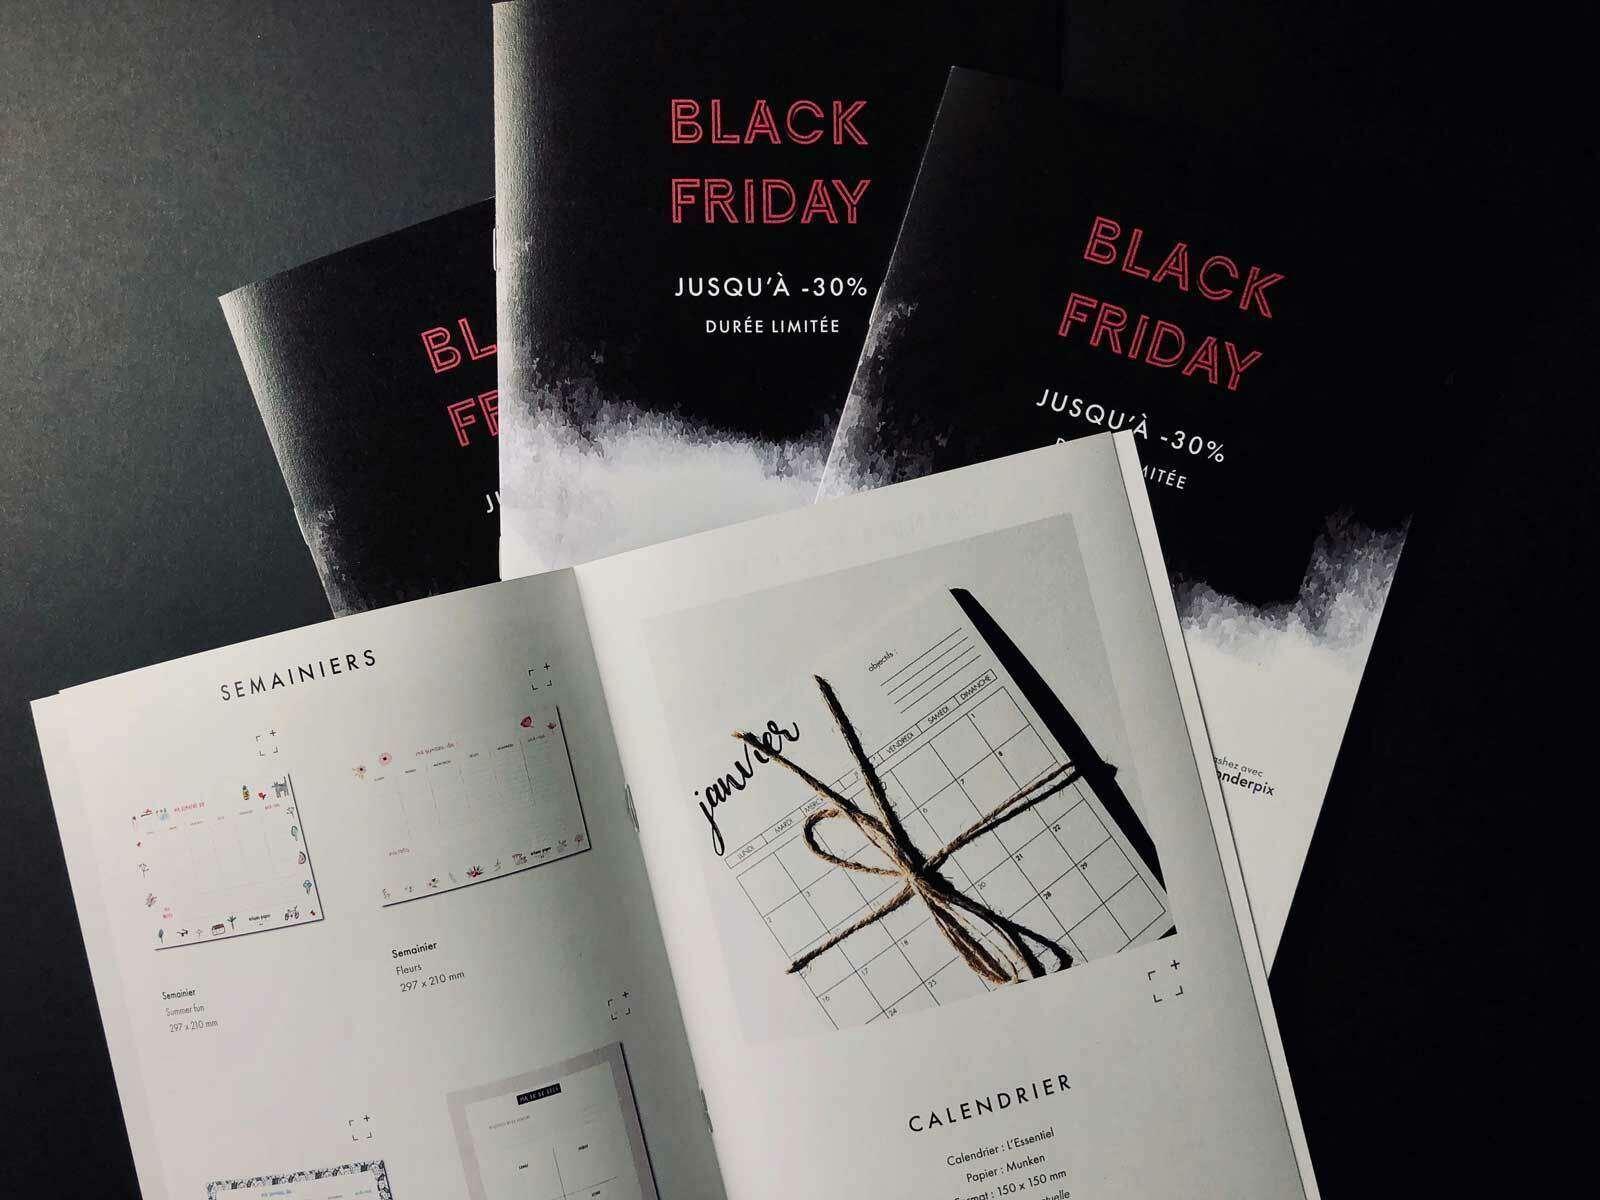 catalogue-black-friday-grafik-plus-impression-papier-connecte